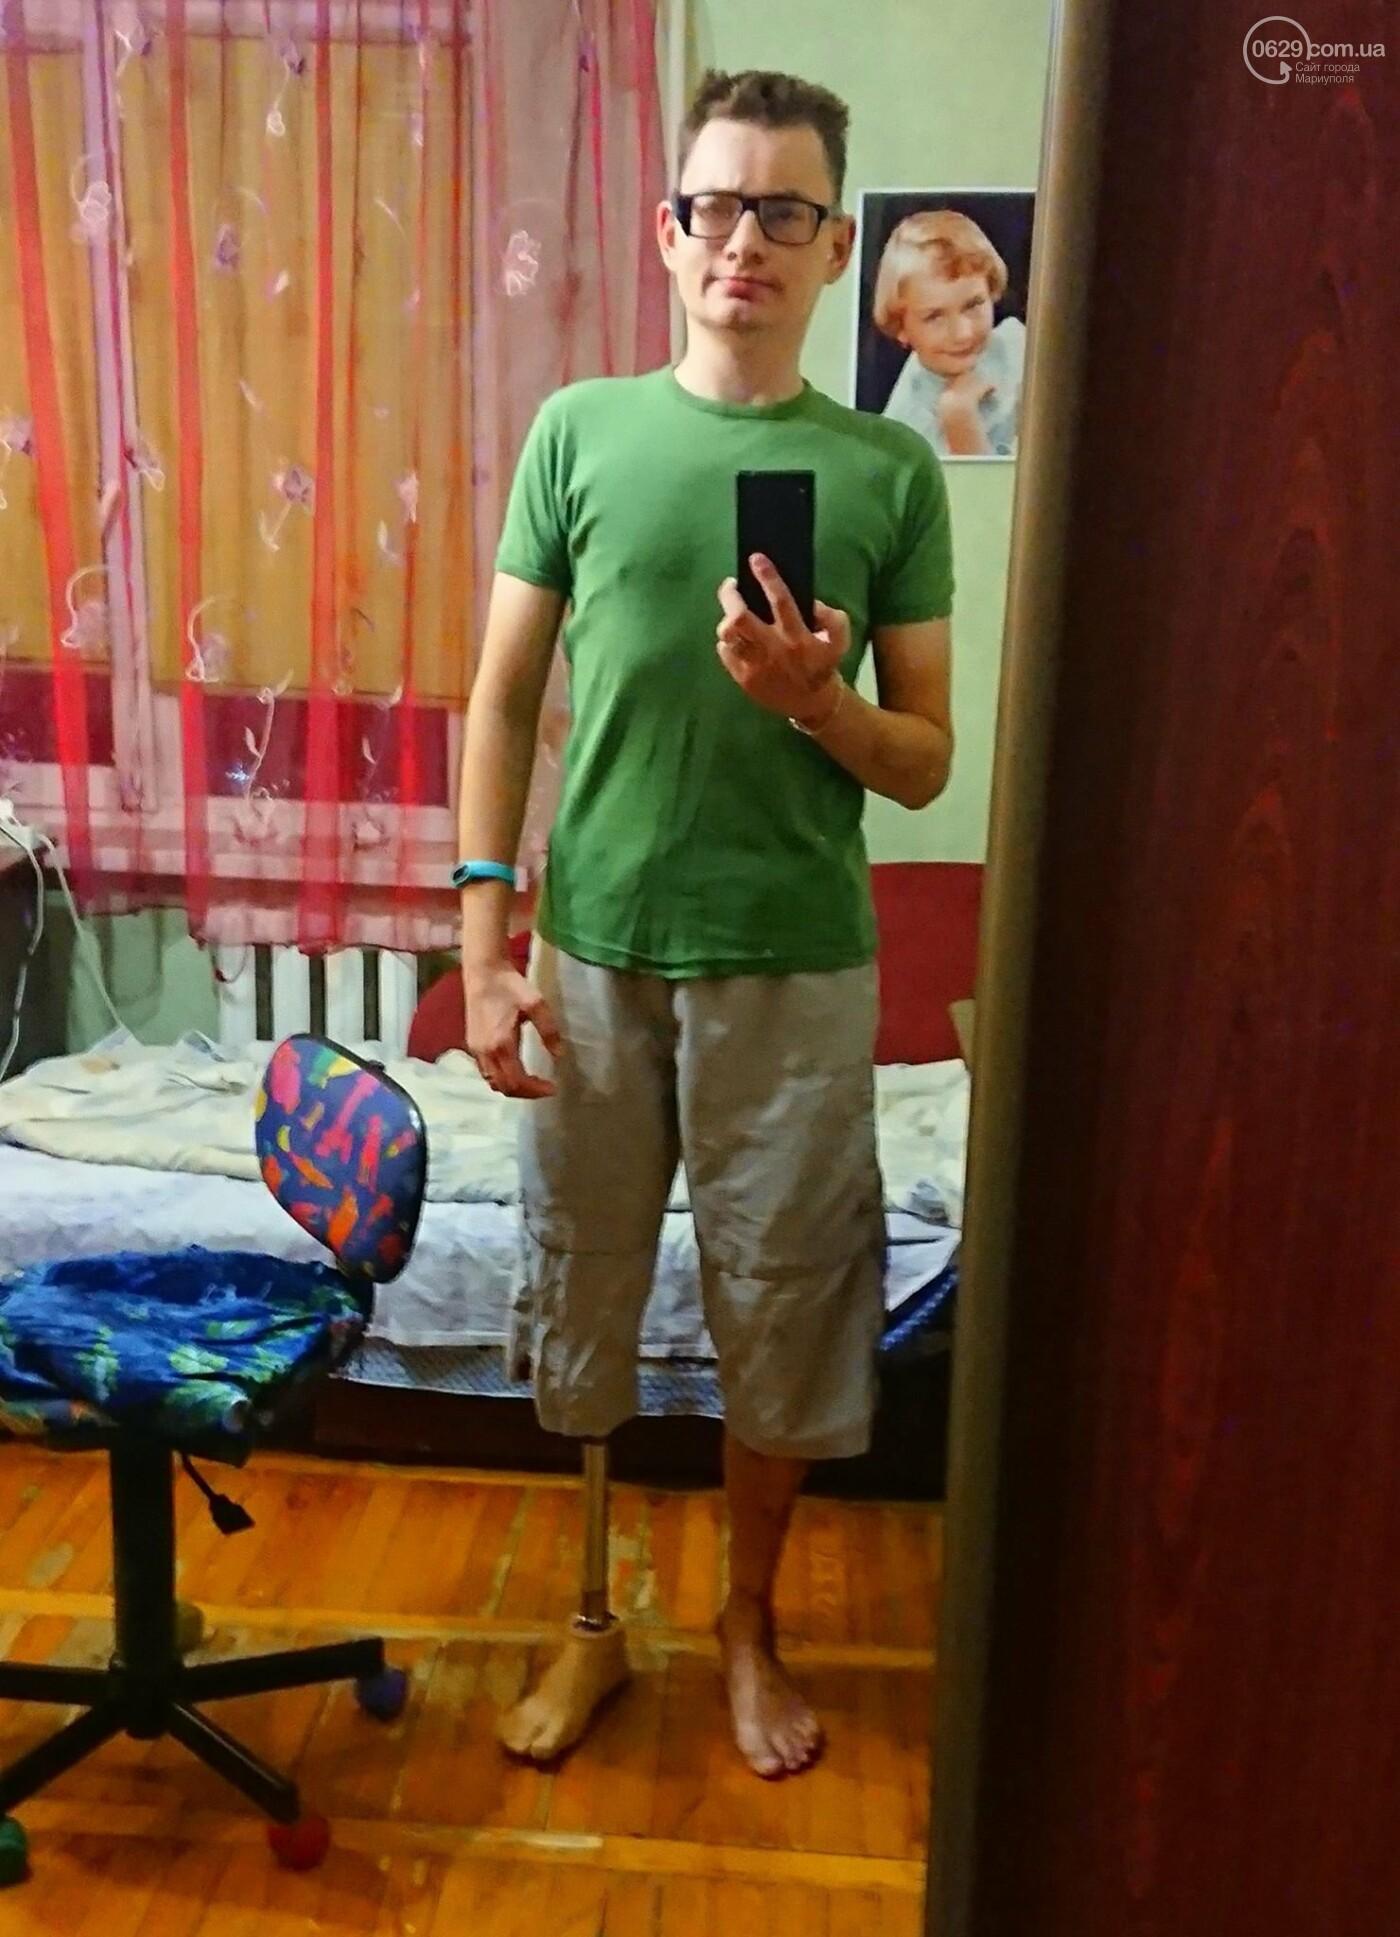 «Поделись»: Мариупольский диабетик-ампутант ведет свой дневник на 0629.com.ua, - ФОТО , фото-5